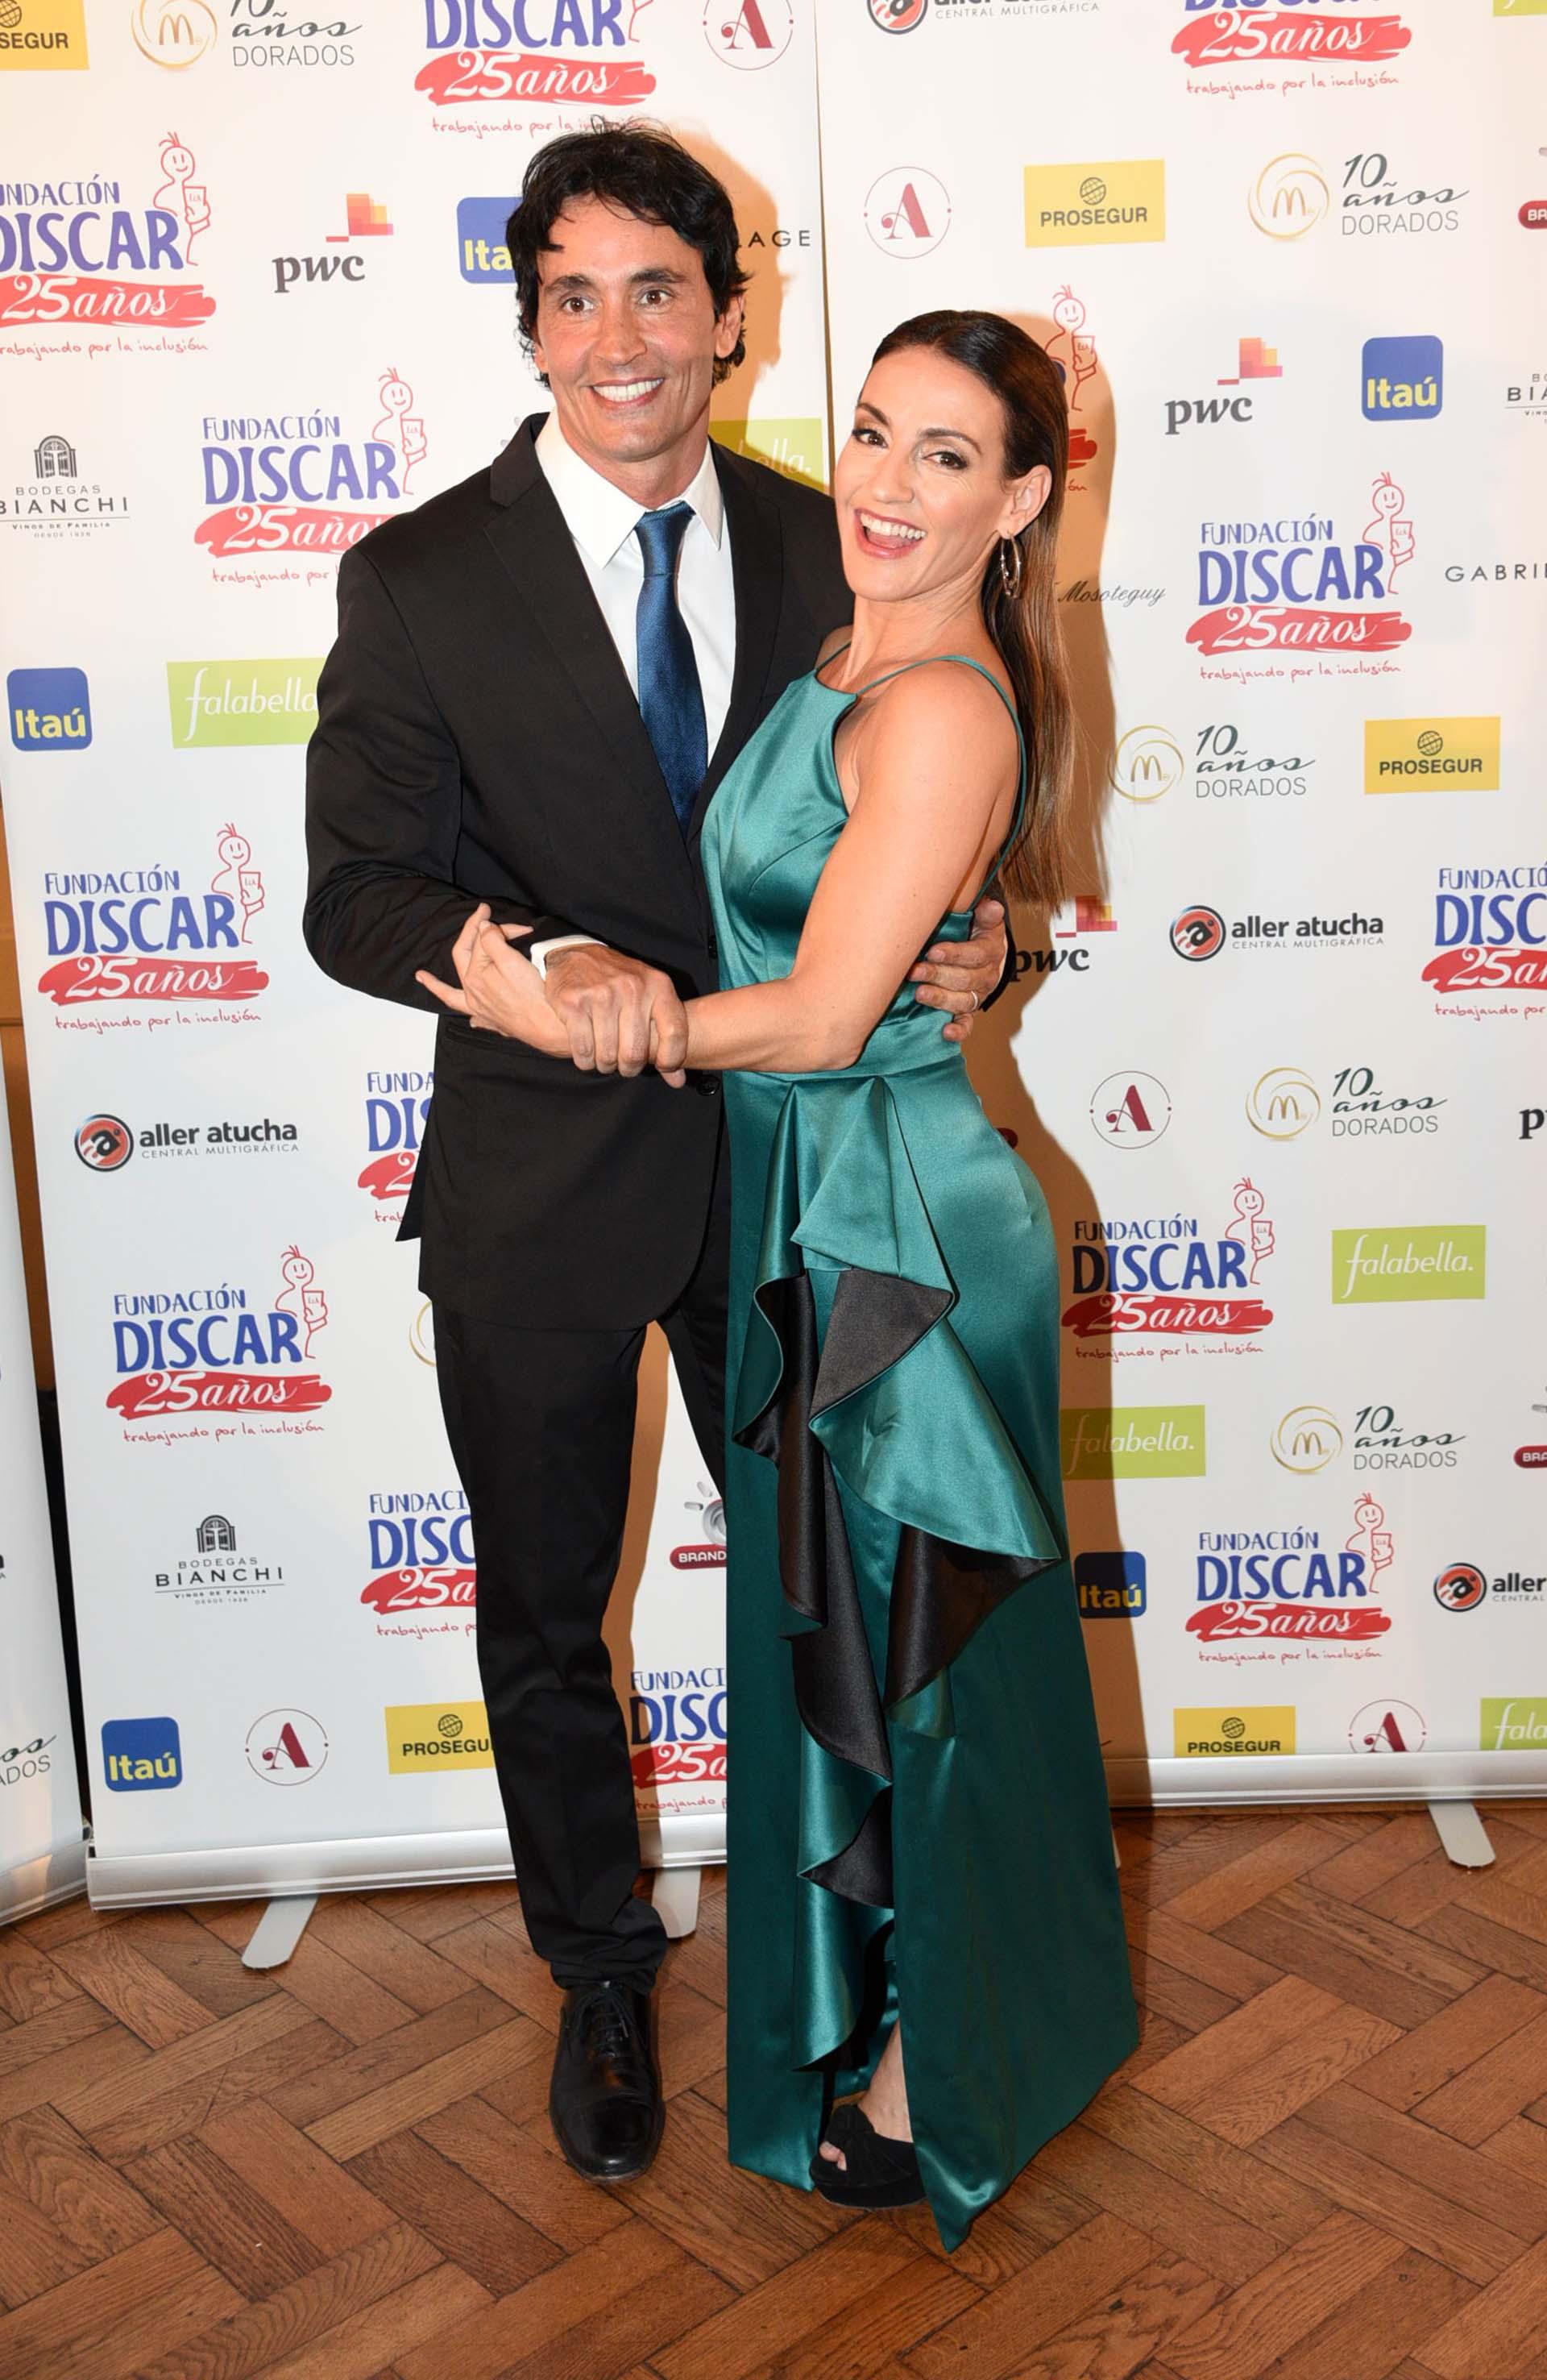 """Sebastián Estevanez y Eleonora Wexler, protagonistas de """"Golpe al corazón"""", lucieron muy elegantes en la gala solidaria de la Fundación Discar"""